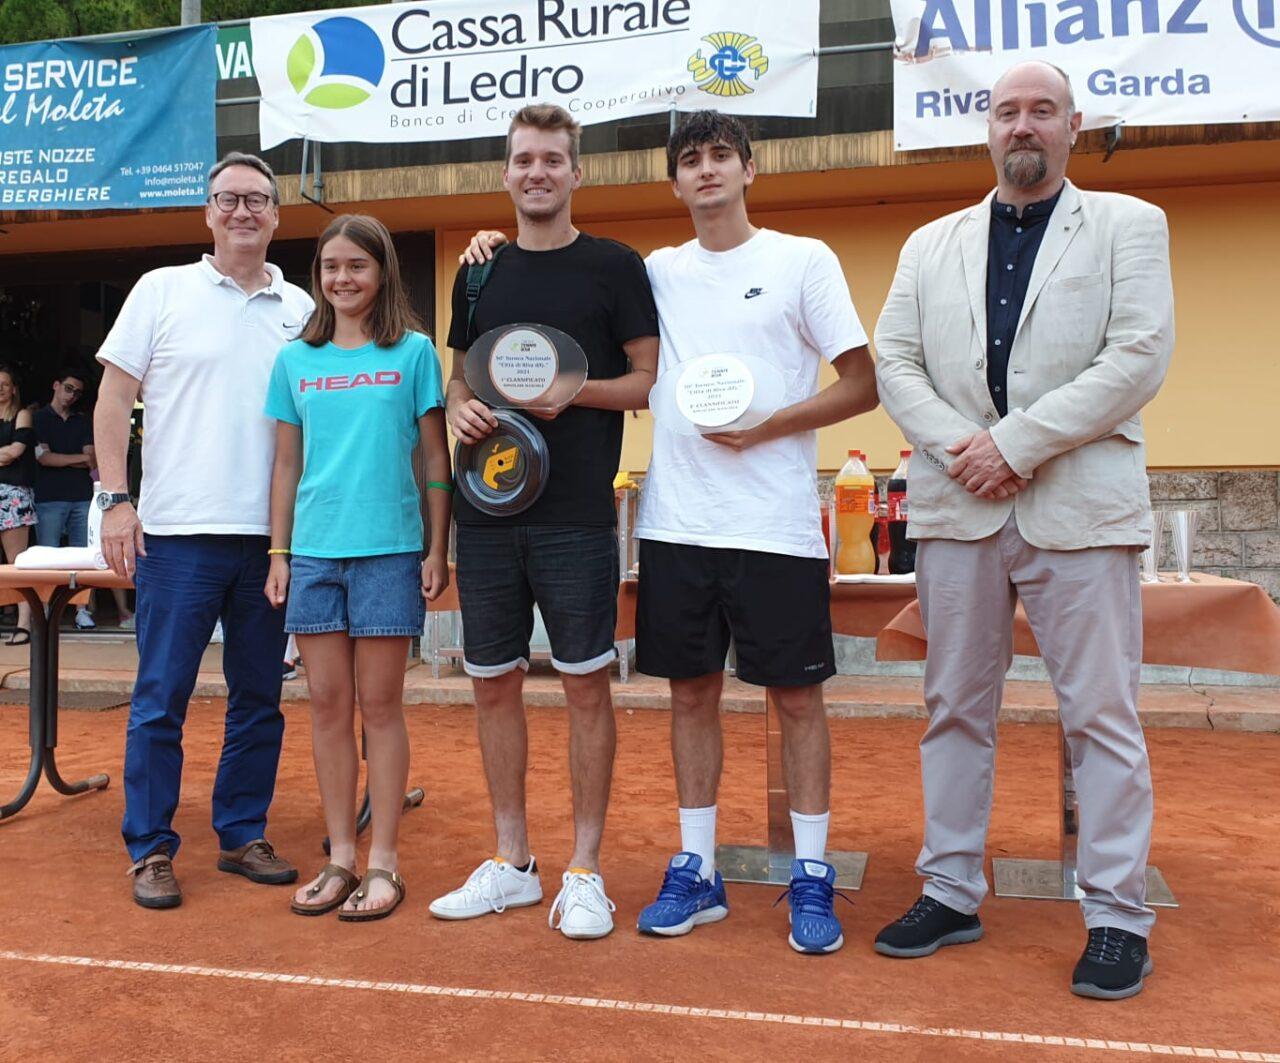 tennis riva Finalisti con Presidente e Assessore